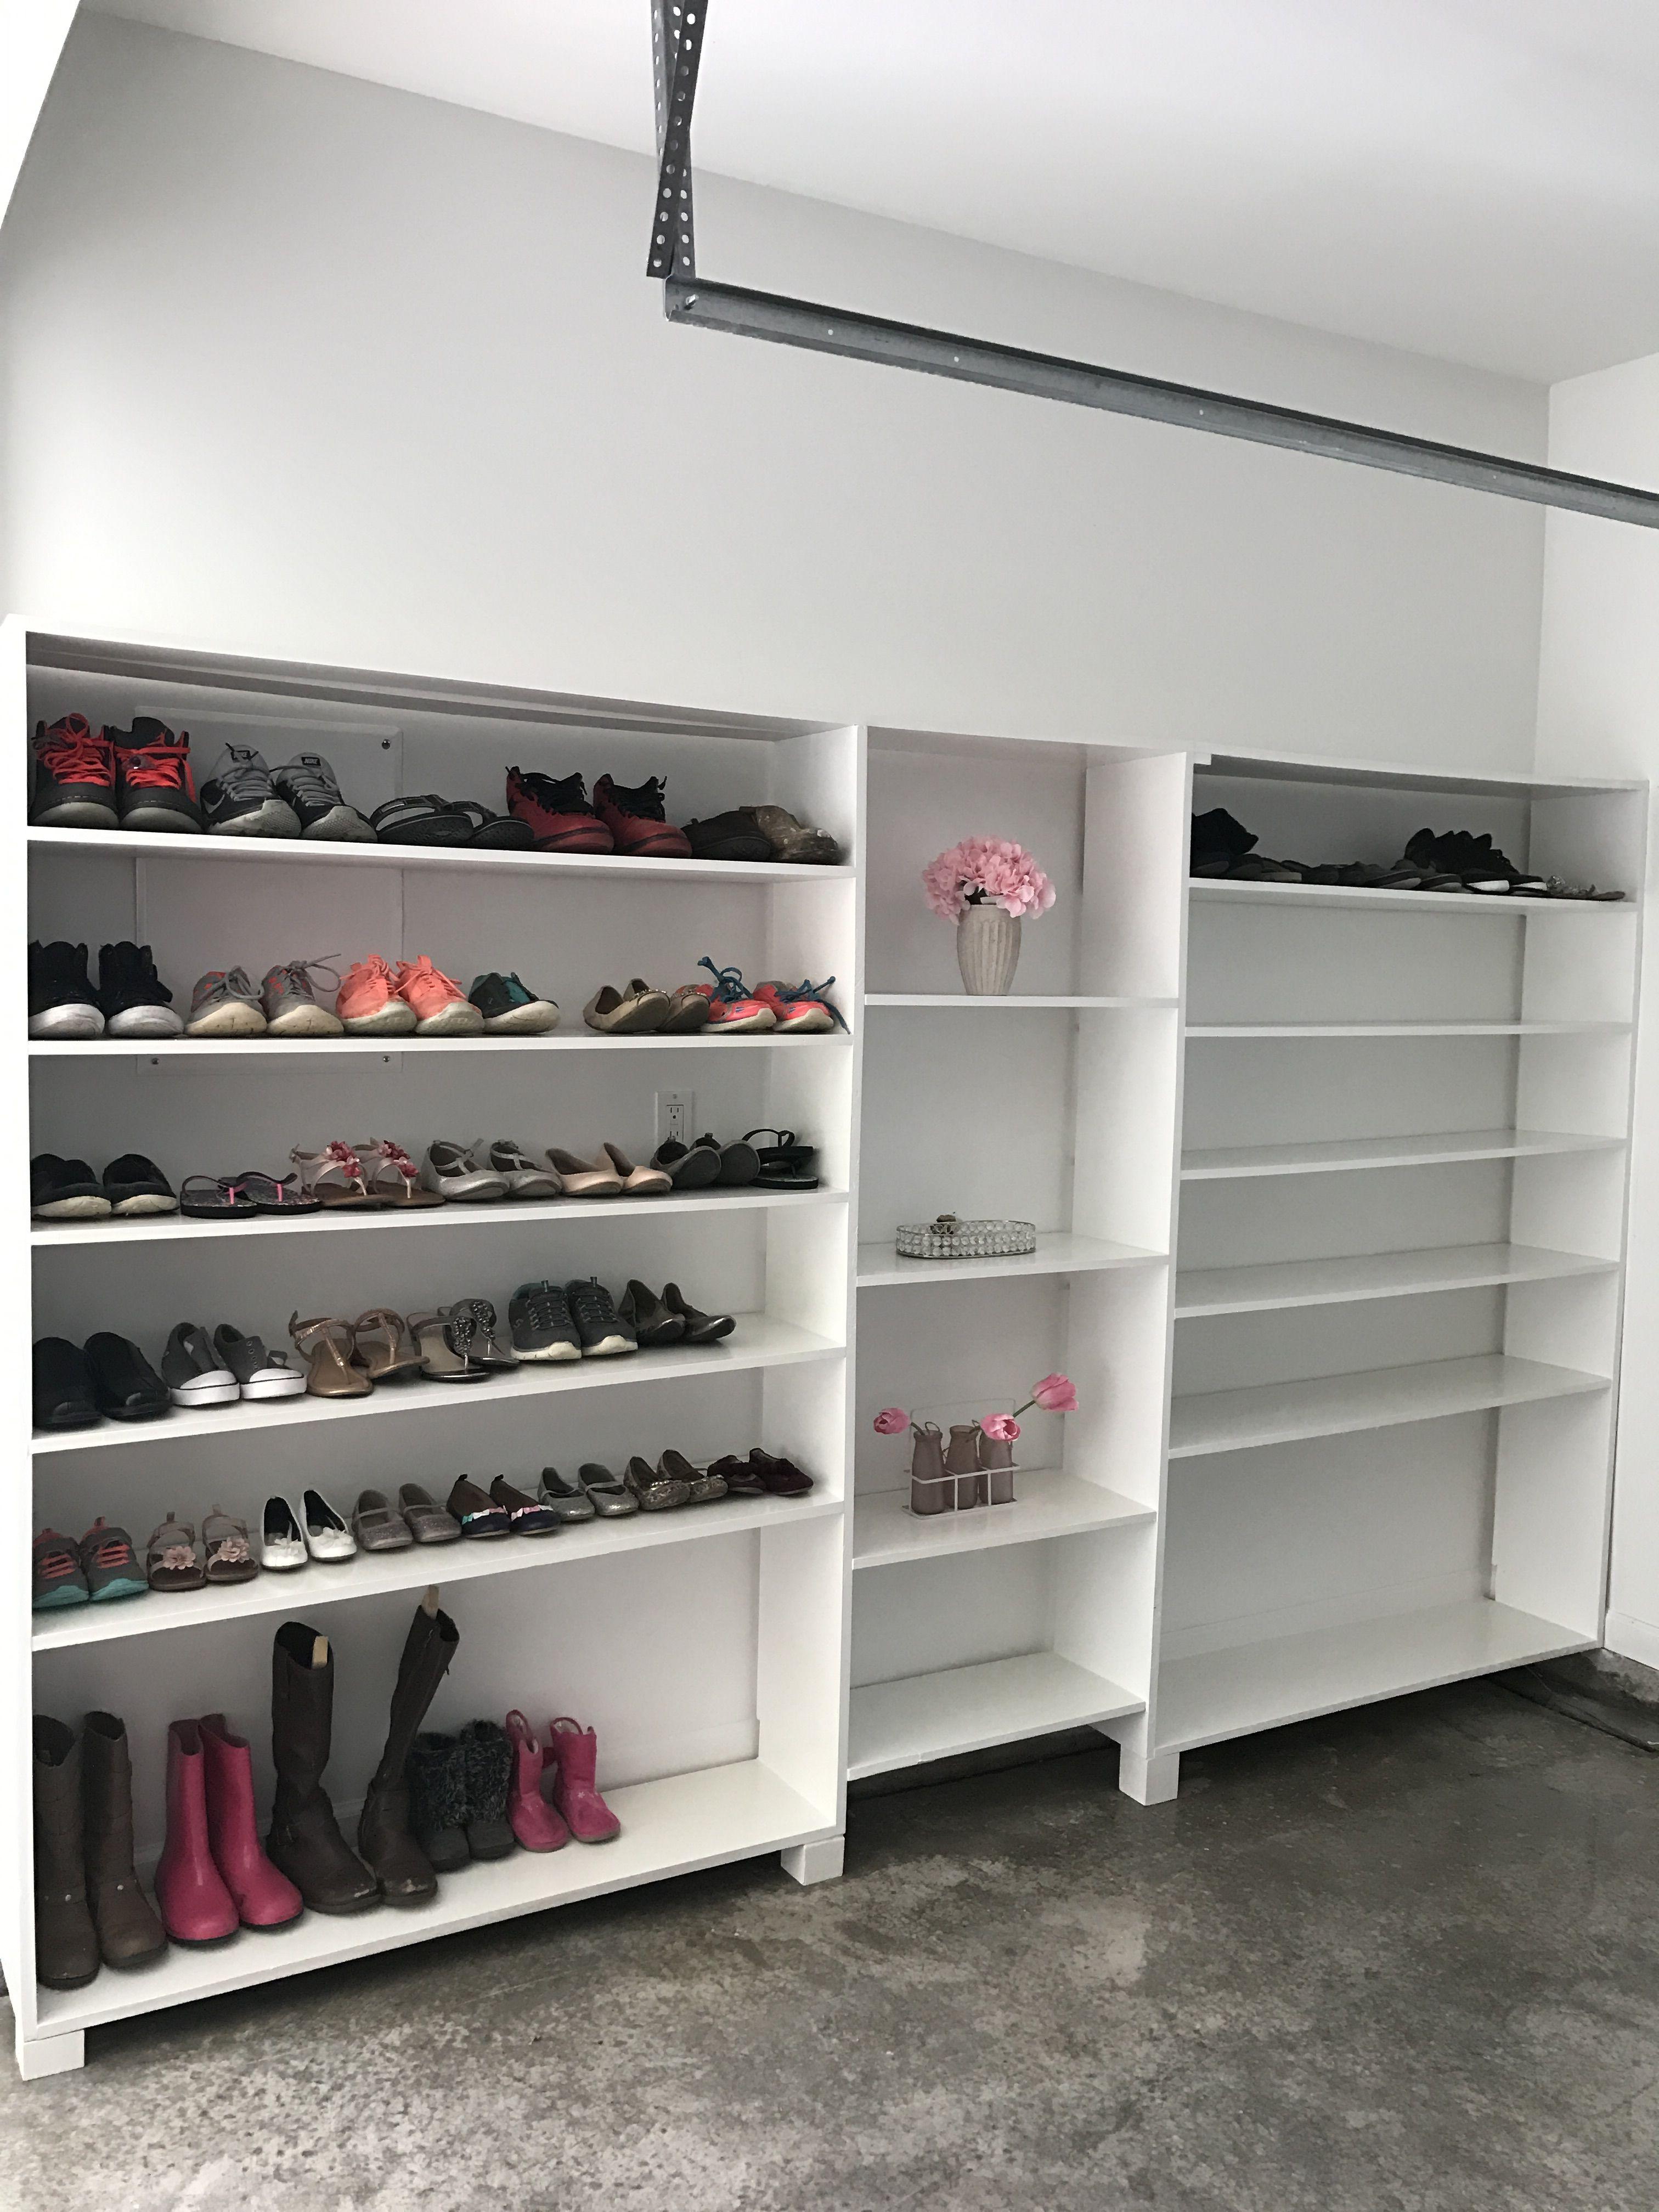 Shoe storage in garage org pinterest garage garage shoe